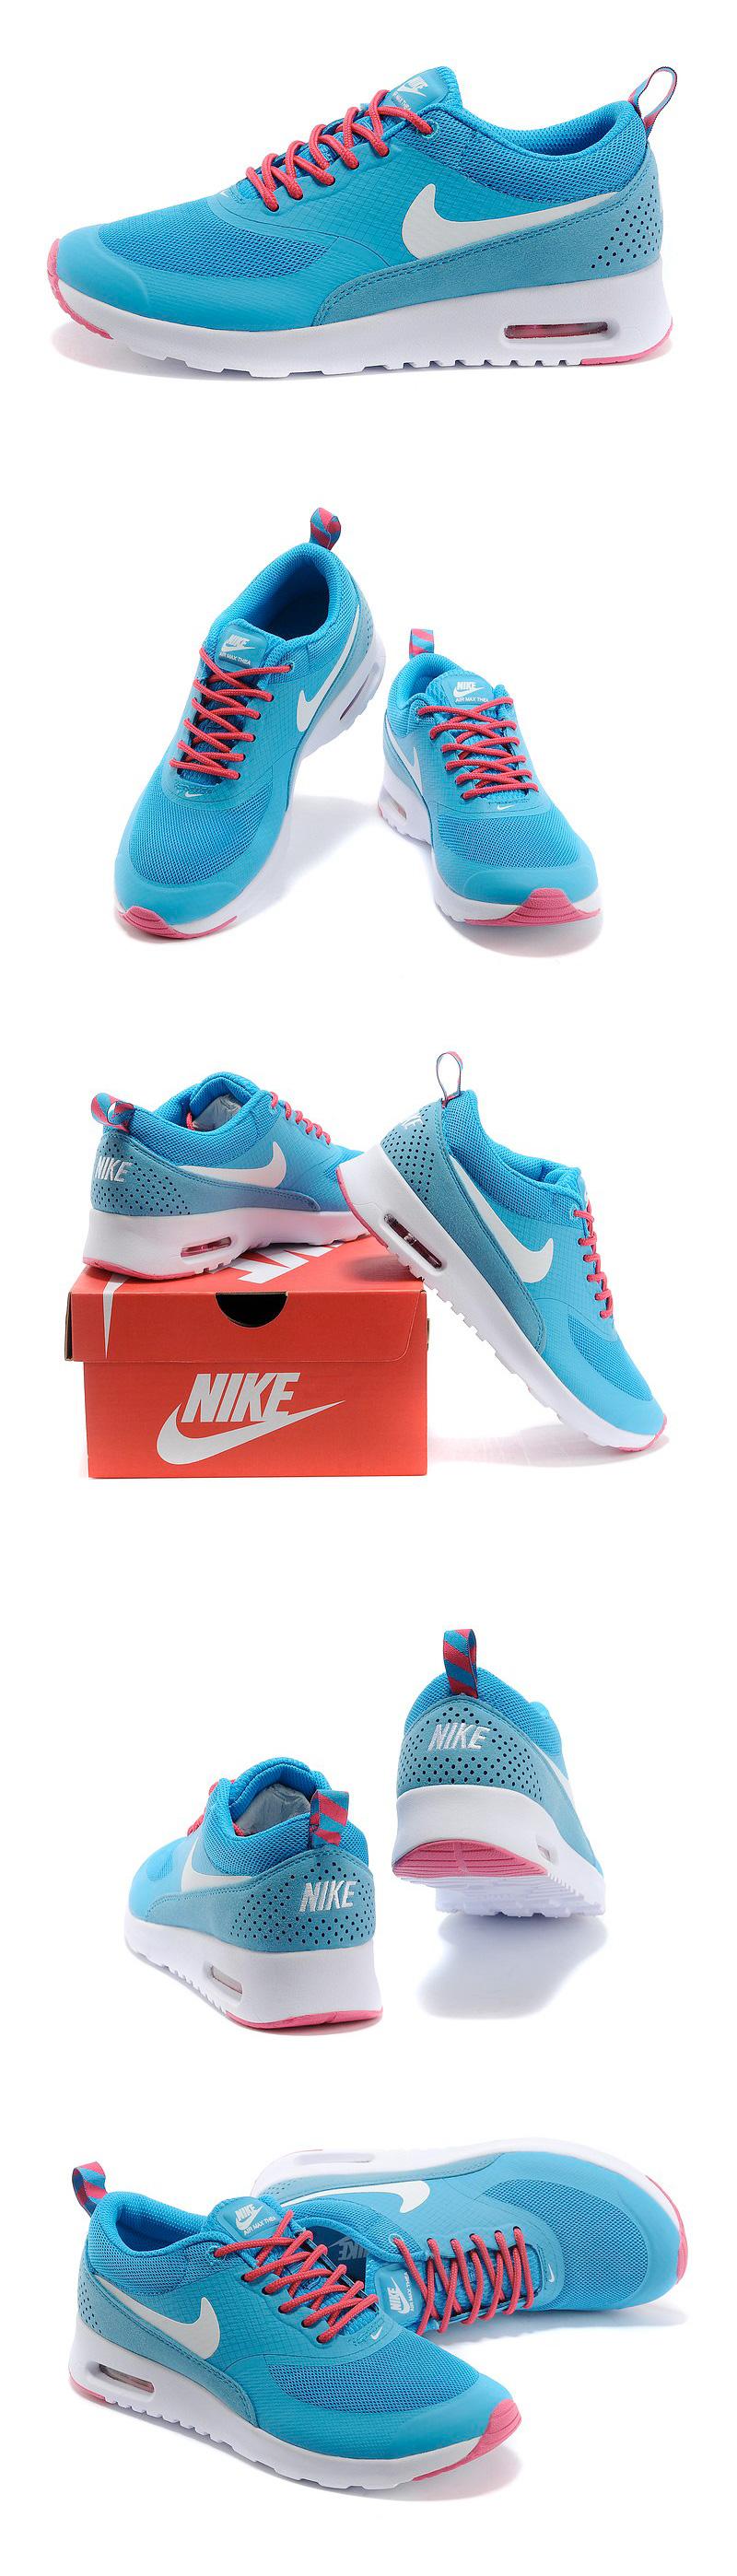 большое фото №6 Женские кроссовки Nike AIR MAX THEA синие